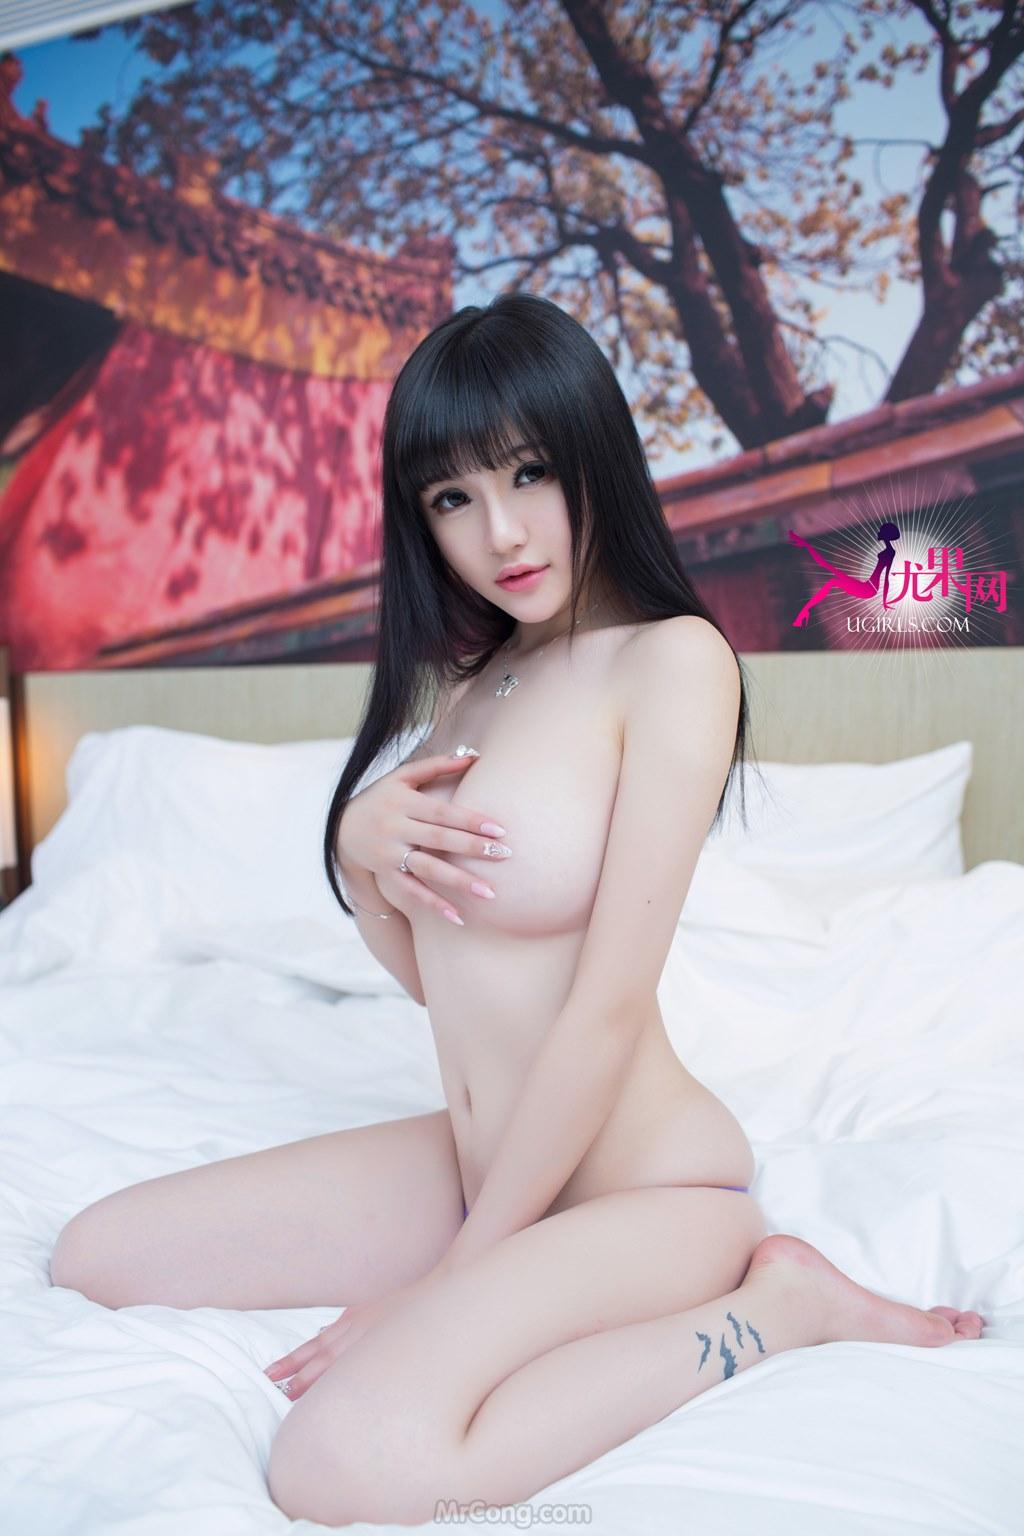 Image MrCong.com-UGIRLS-058-Su-Nuo-Mi-039 in post Mê mẩn với vòng một khủng của người đẹp Su Nuo Mi (苏糯米) trong bộ ảnh UGIRLS 058